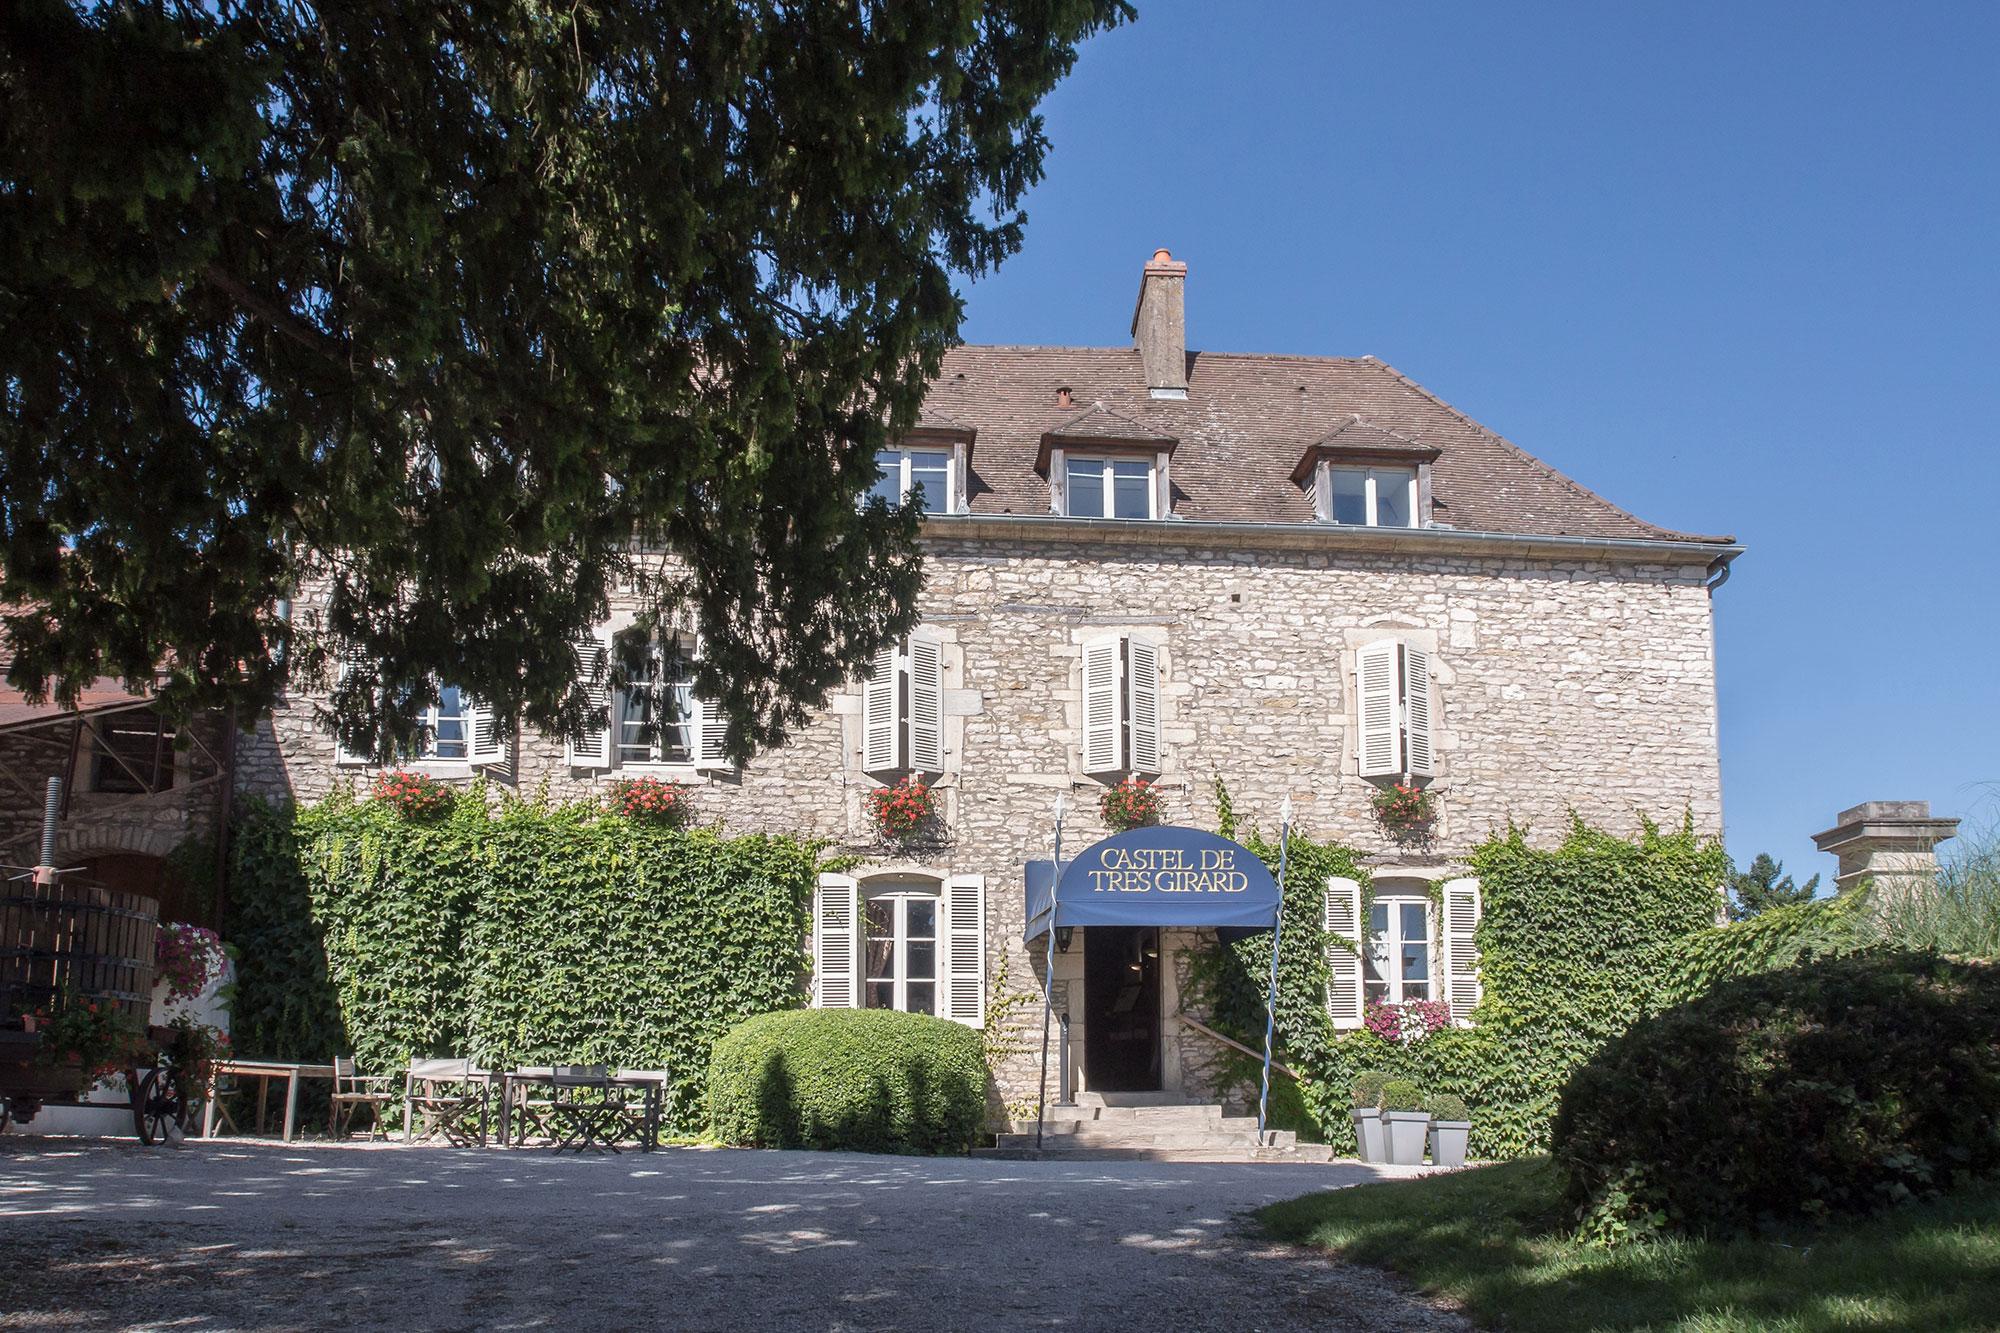 Façade extérieure de l'hôtel Le Castel de Très Girard, en Bourgogne, près de Dijon